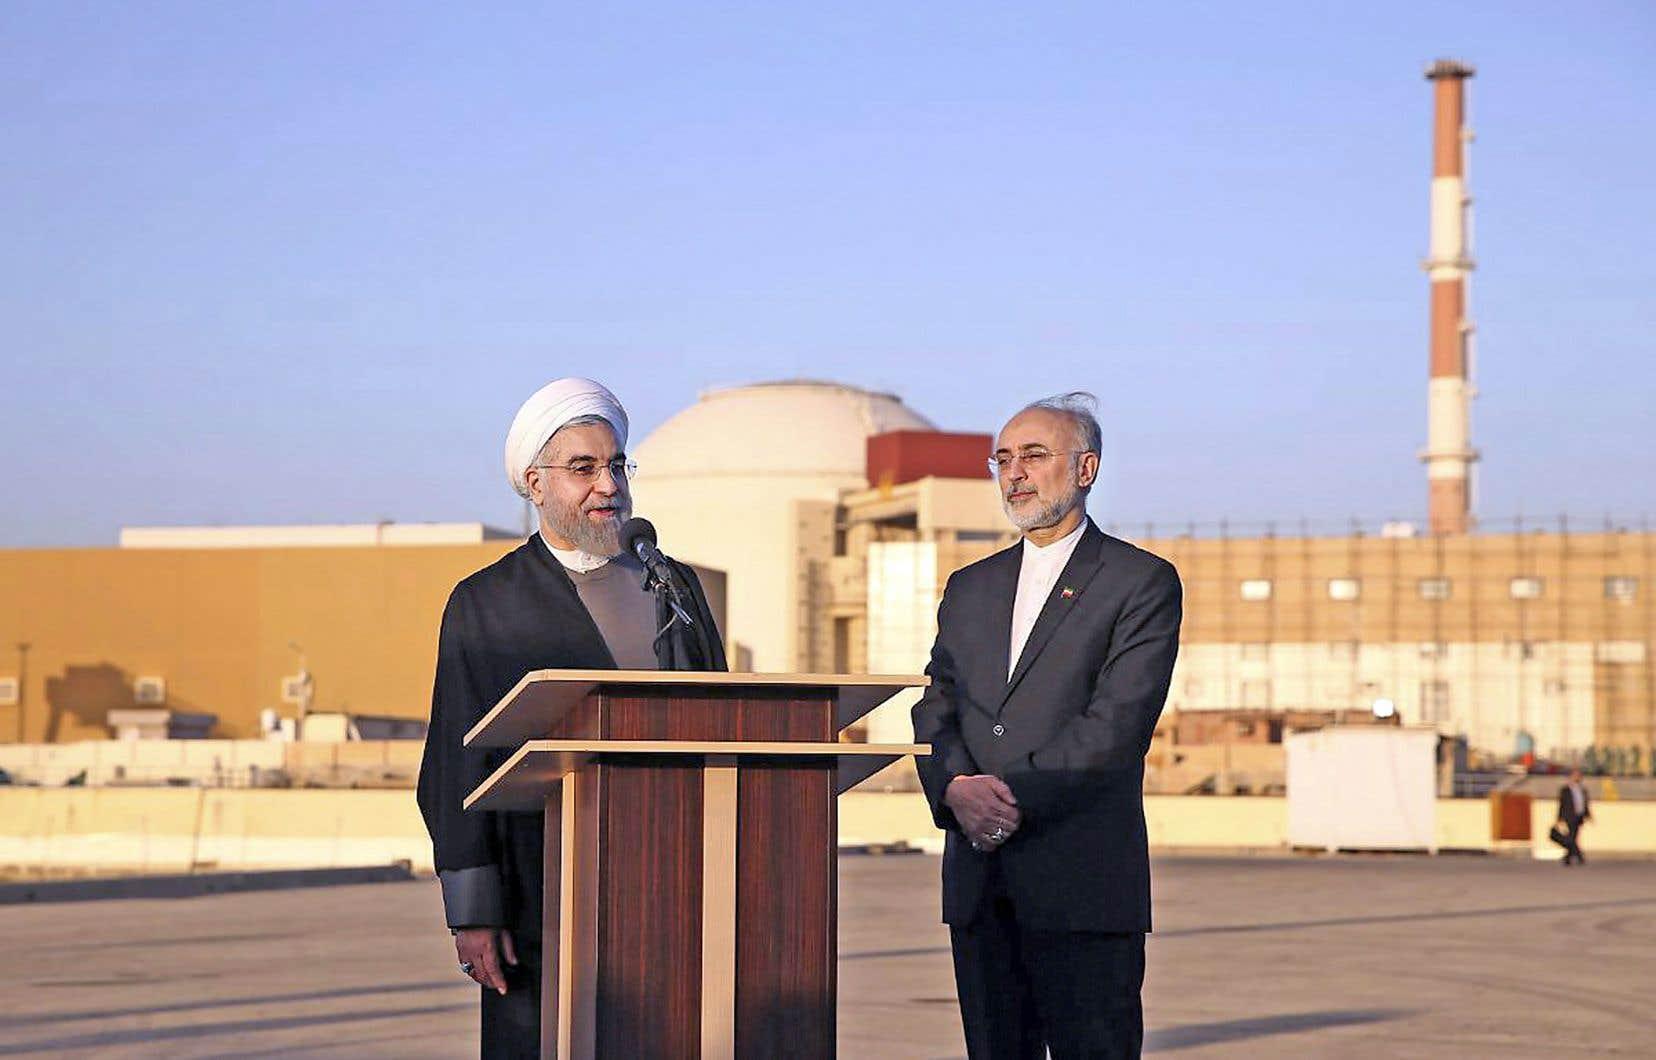 Le président iranien, Hassan Rouhani (à gauche), et Ali Akbar Salehi, directeur de l'Organisation de l'énergie atomique d'Iran, visitaient la seule centrale nucléaire du pays en 2015. L'Iran dit avoir besoin d'enrichir l'uranium à 5% afin d'alimenter sa centrale électrique.